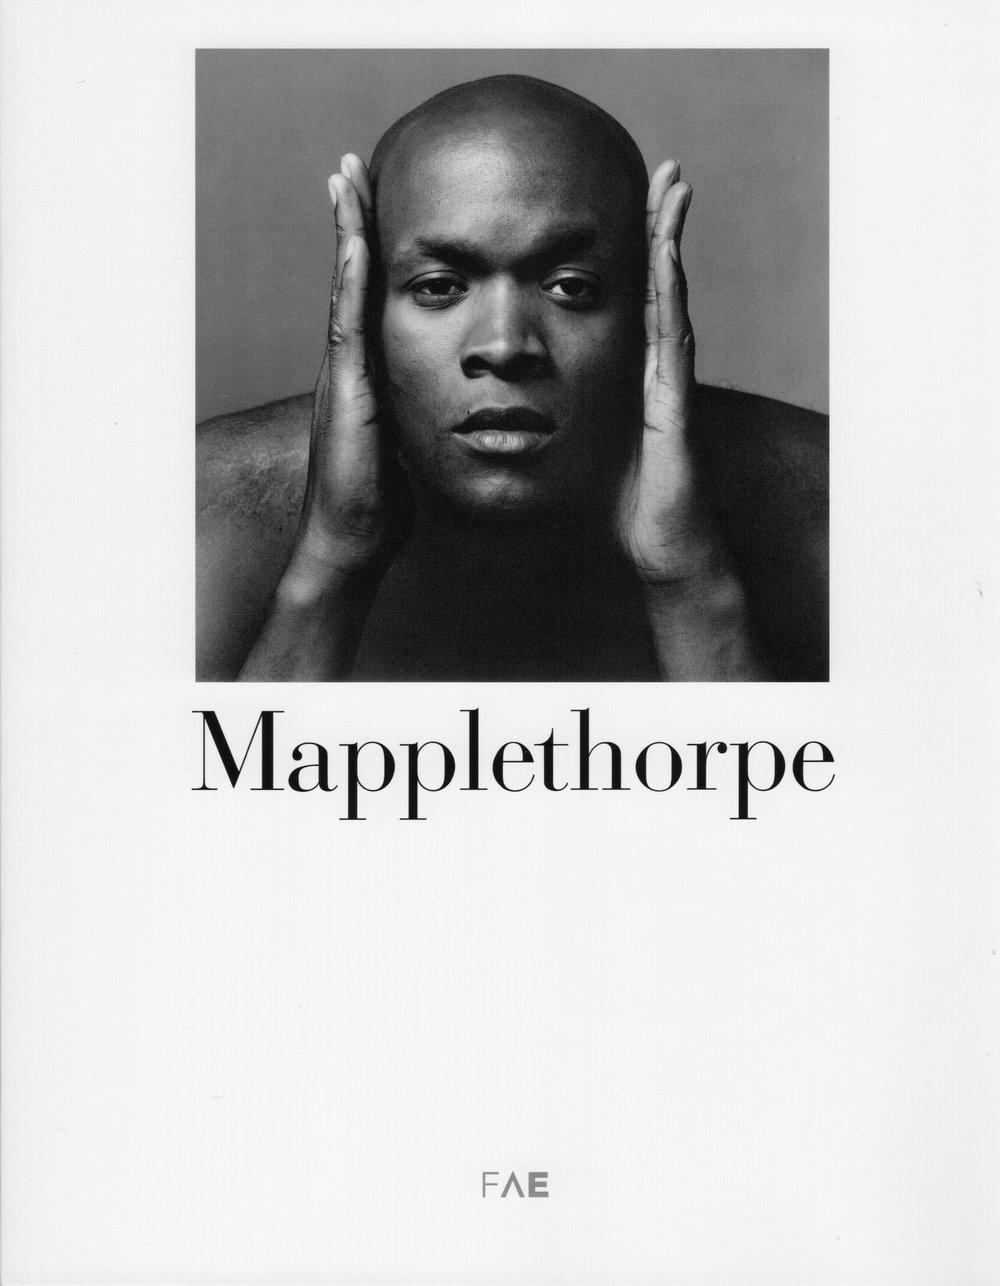 Mapplethorpe cover.jpeg